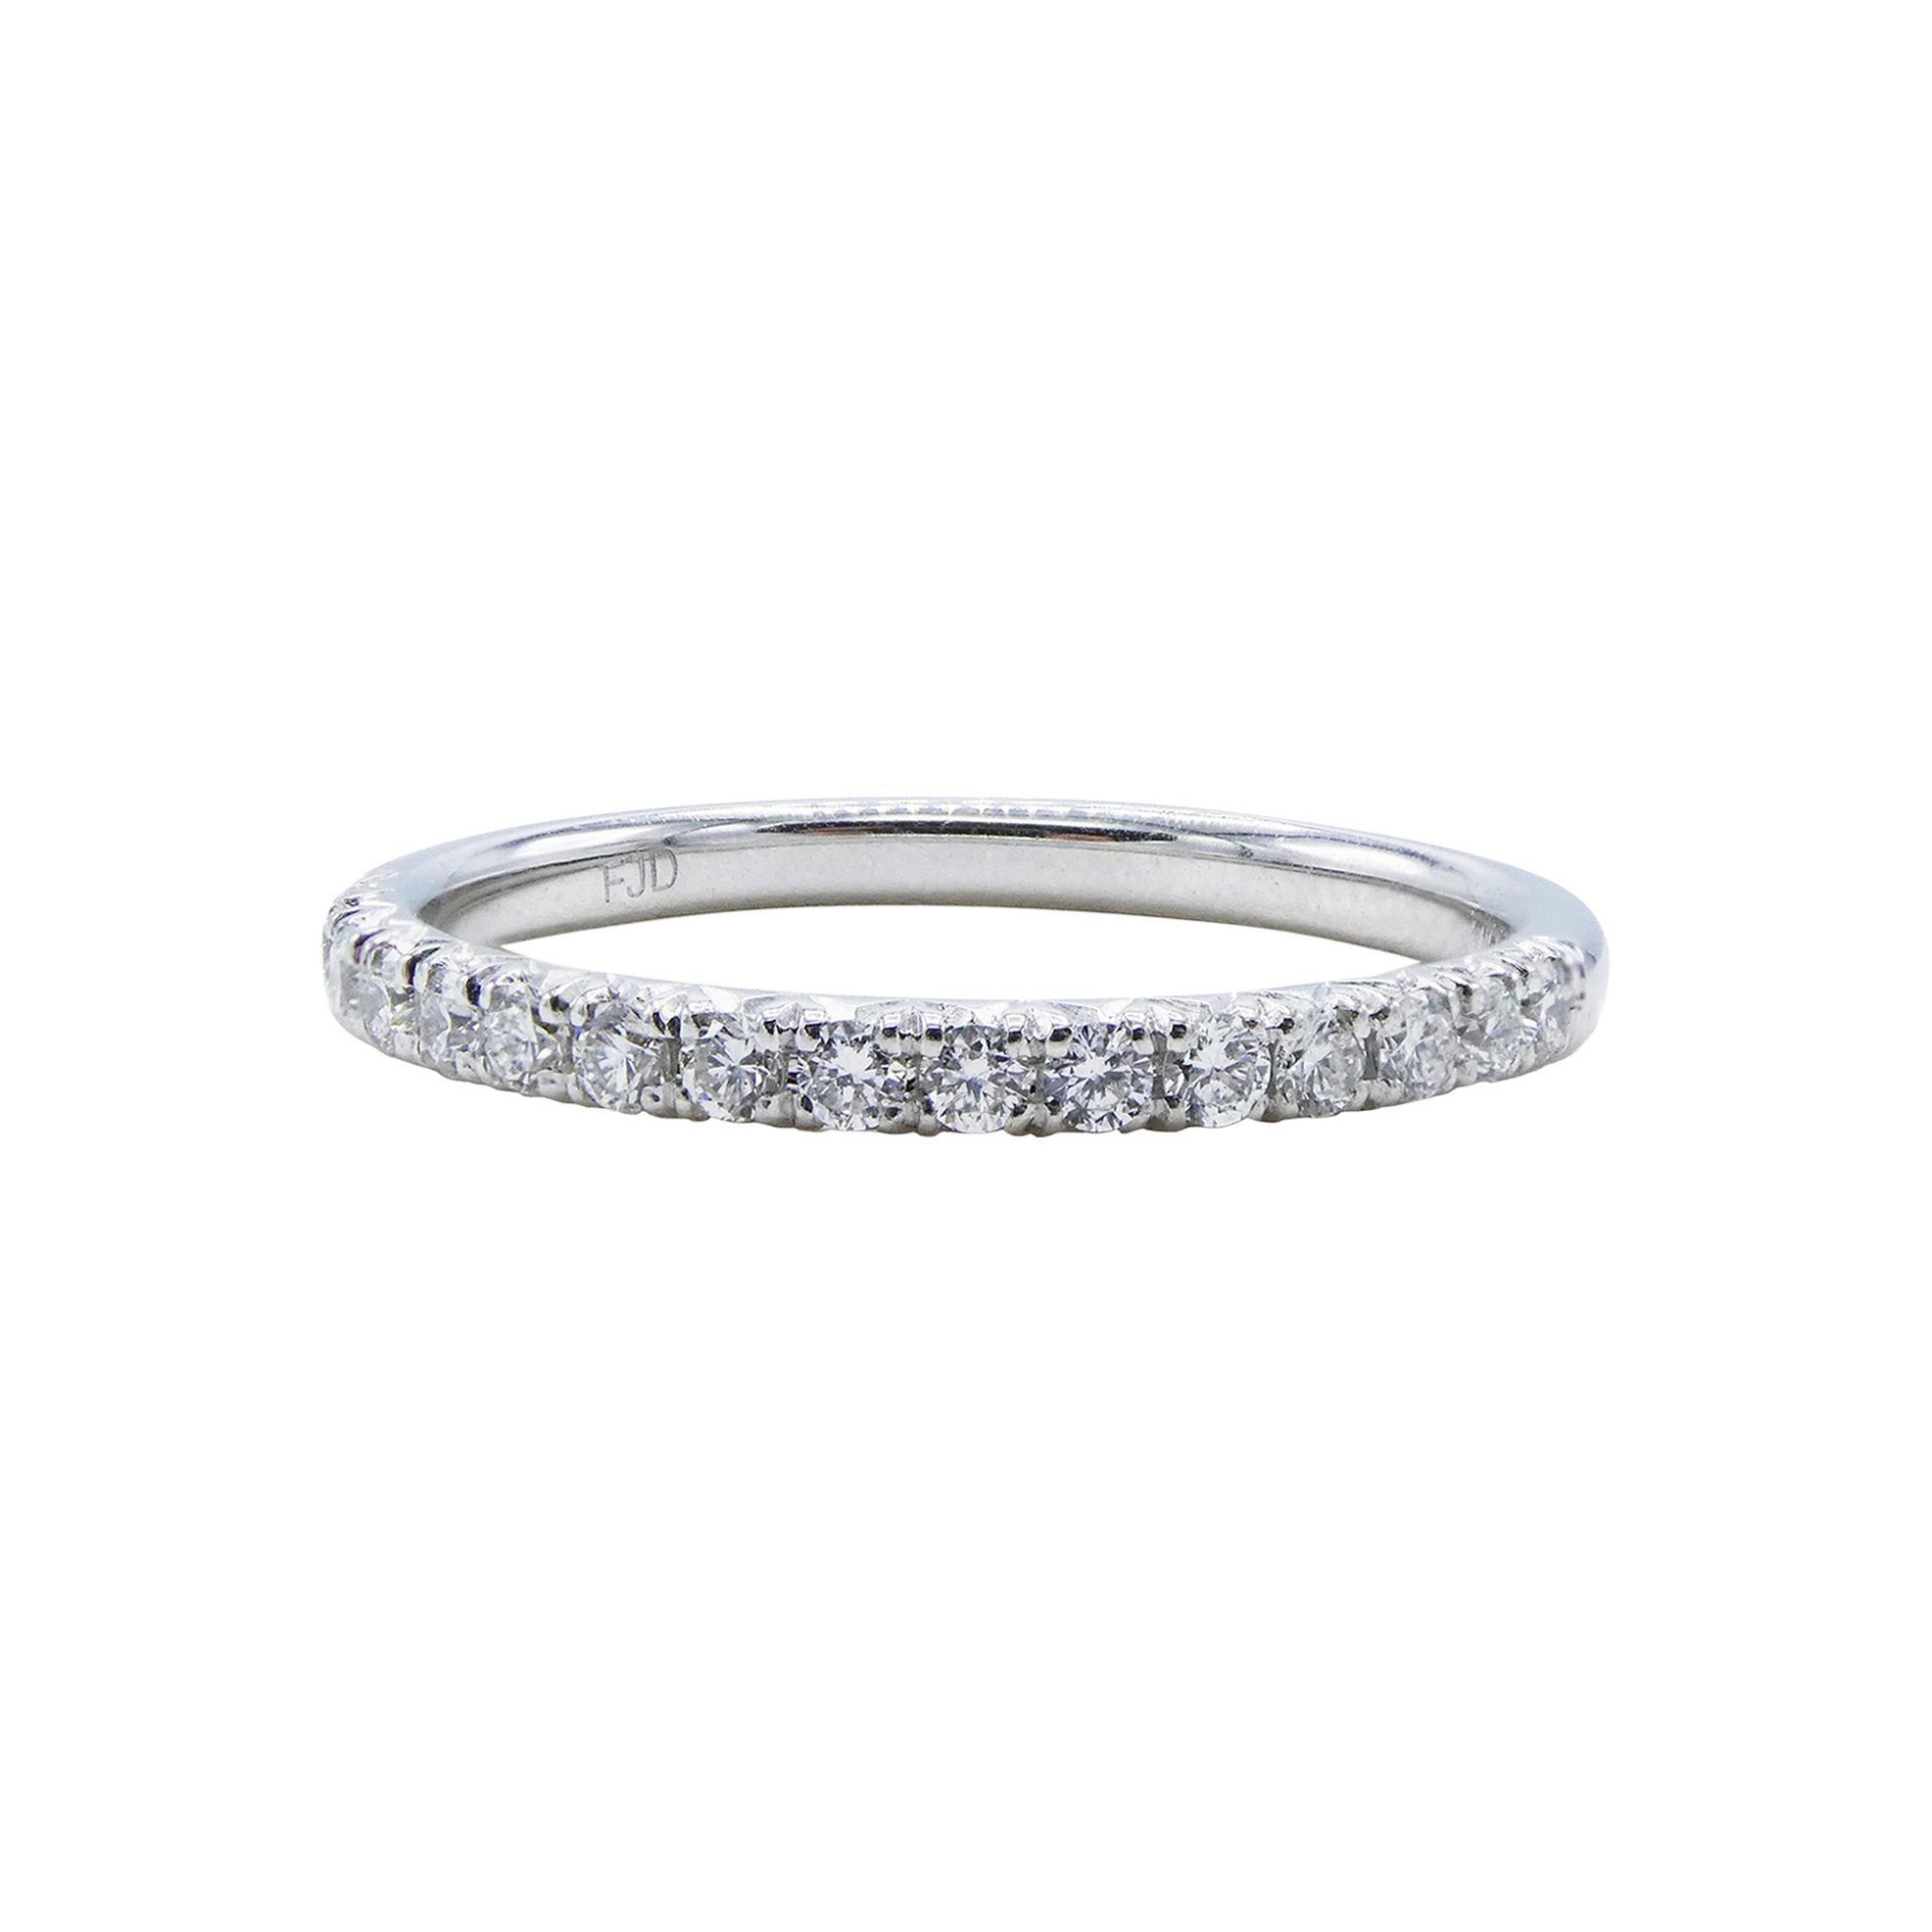 14 Karat White Gold Half Diamond Wedding Band Ring